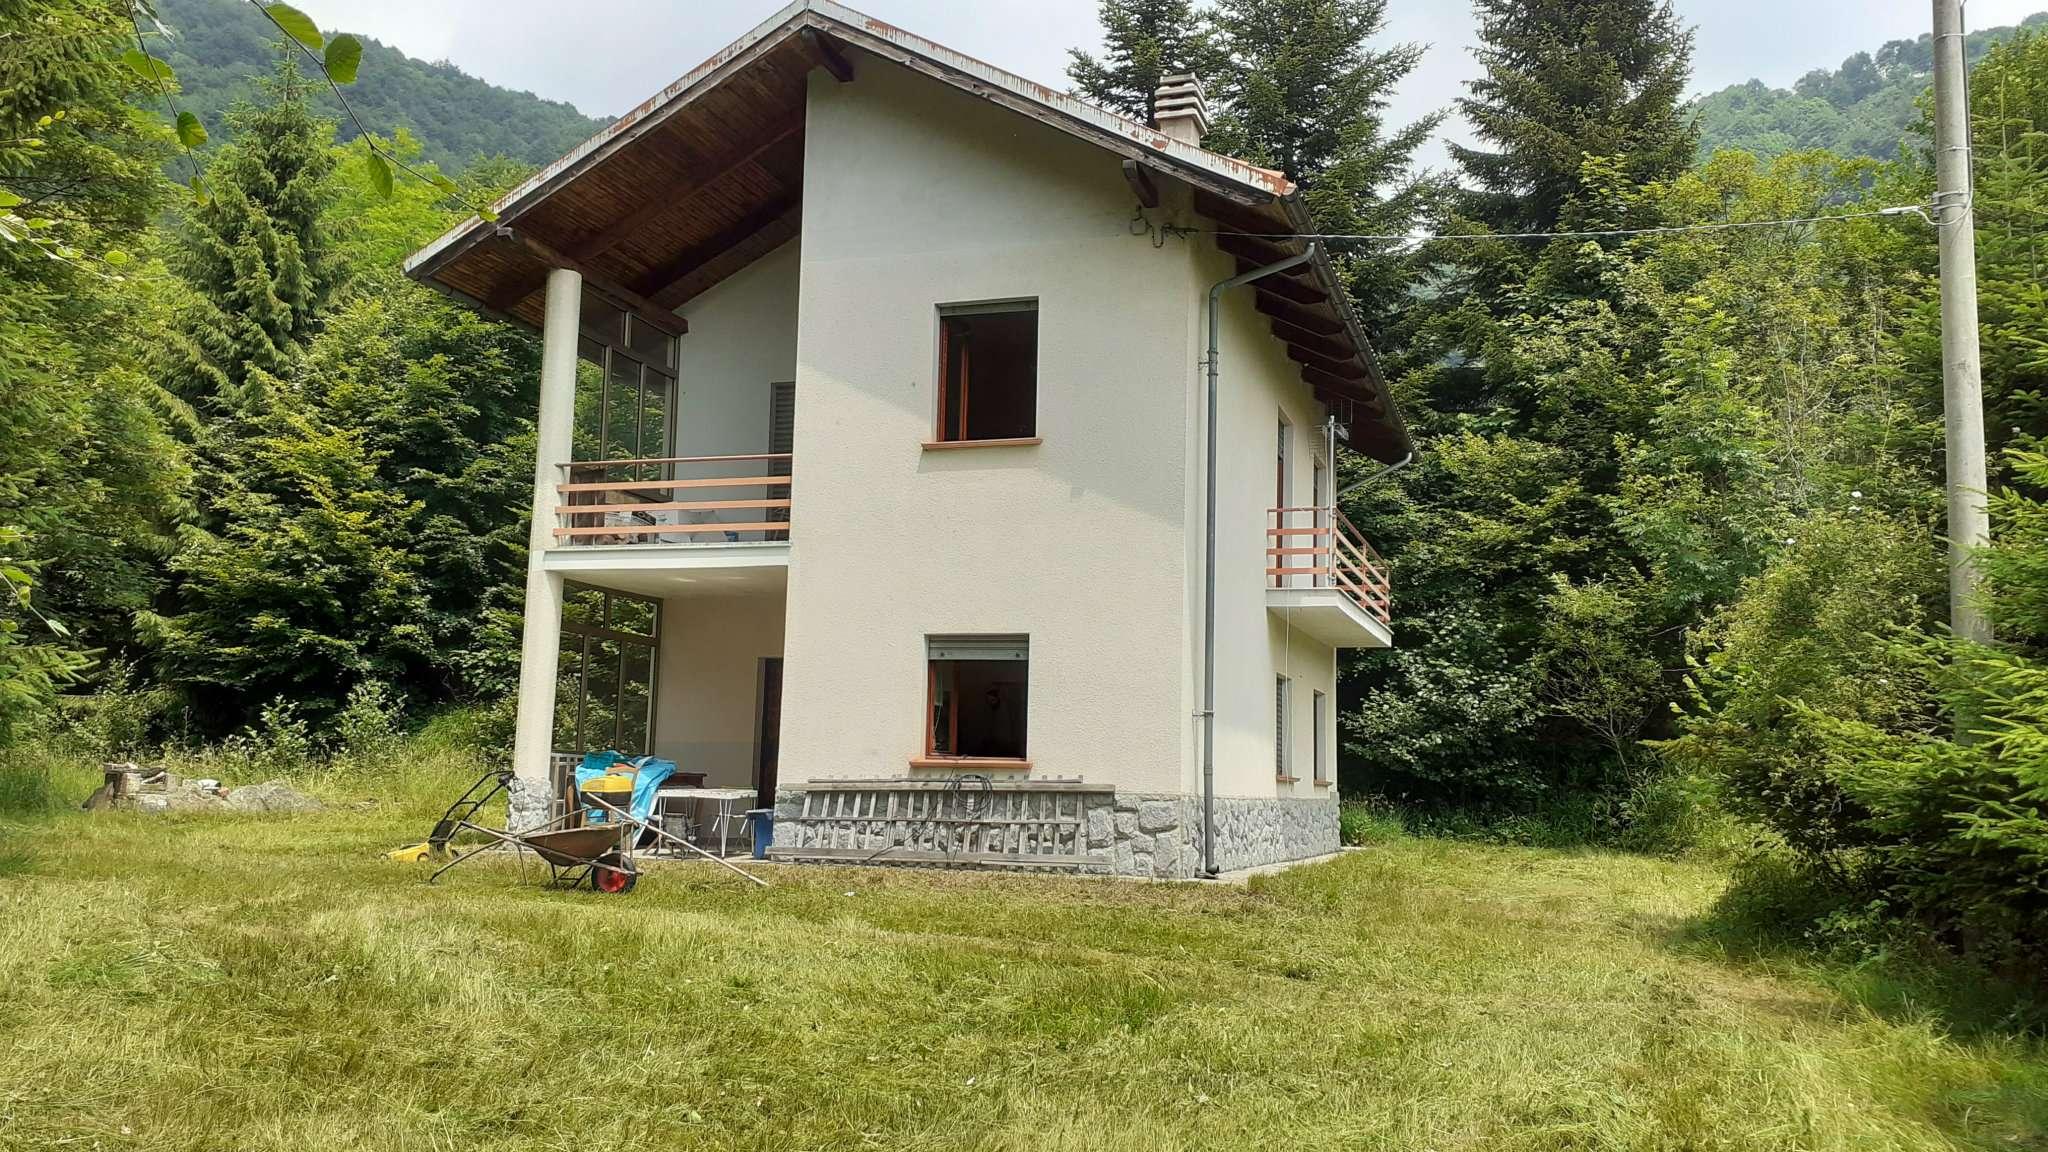 Palazzo / Stabile in Vendita a Rubiana